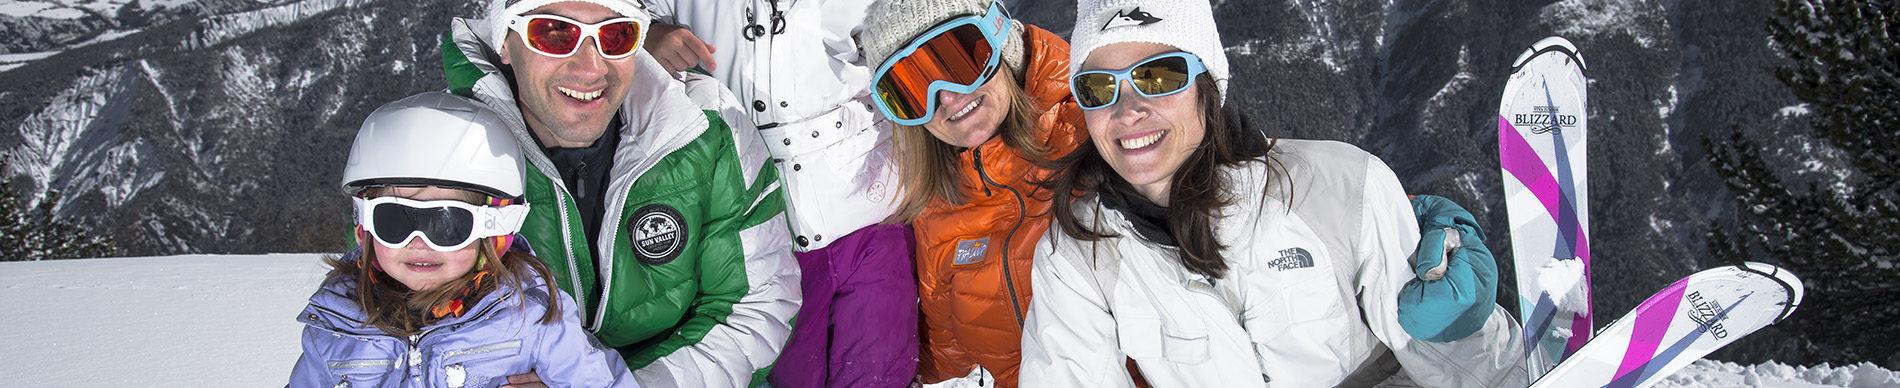 Famille ski ©AD04/ Manu Molle